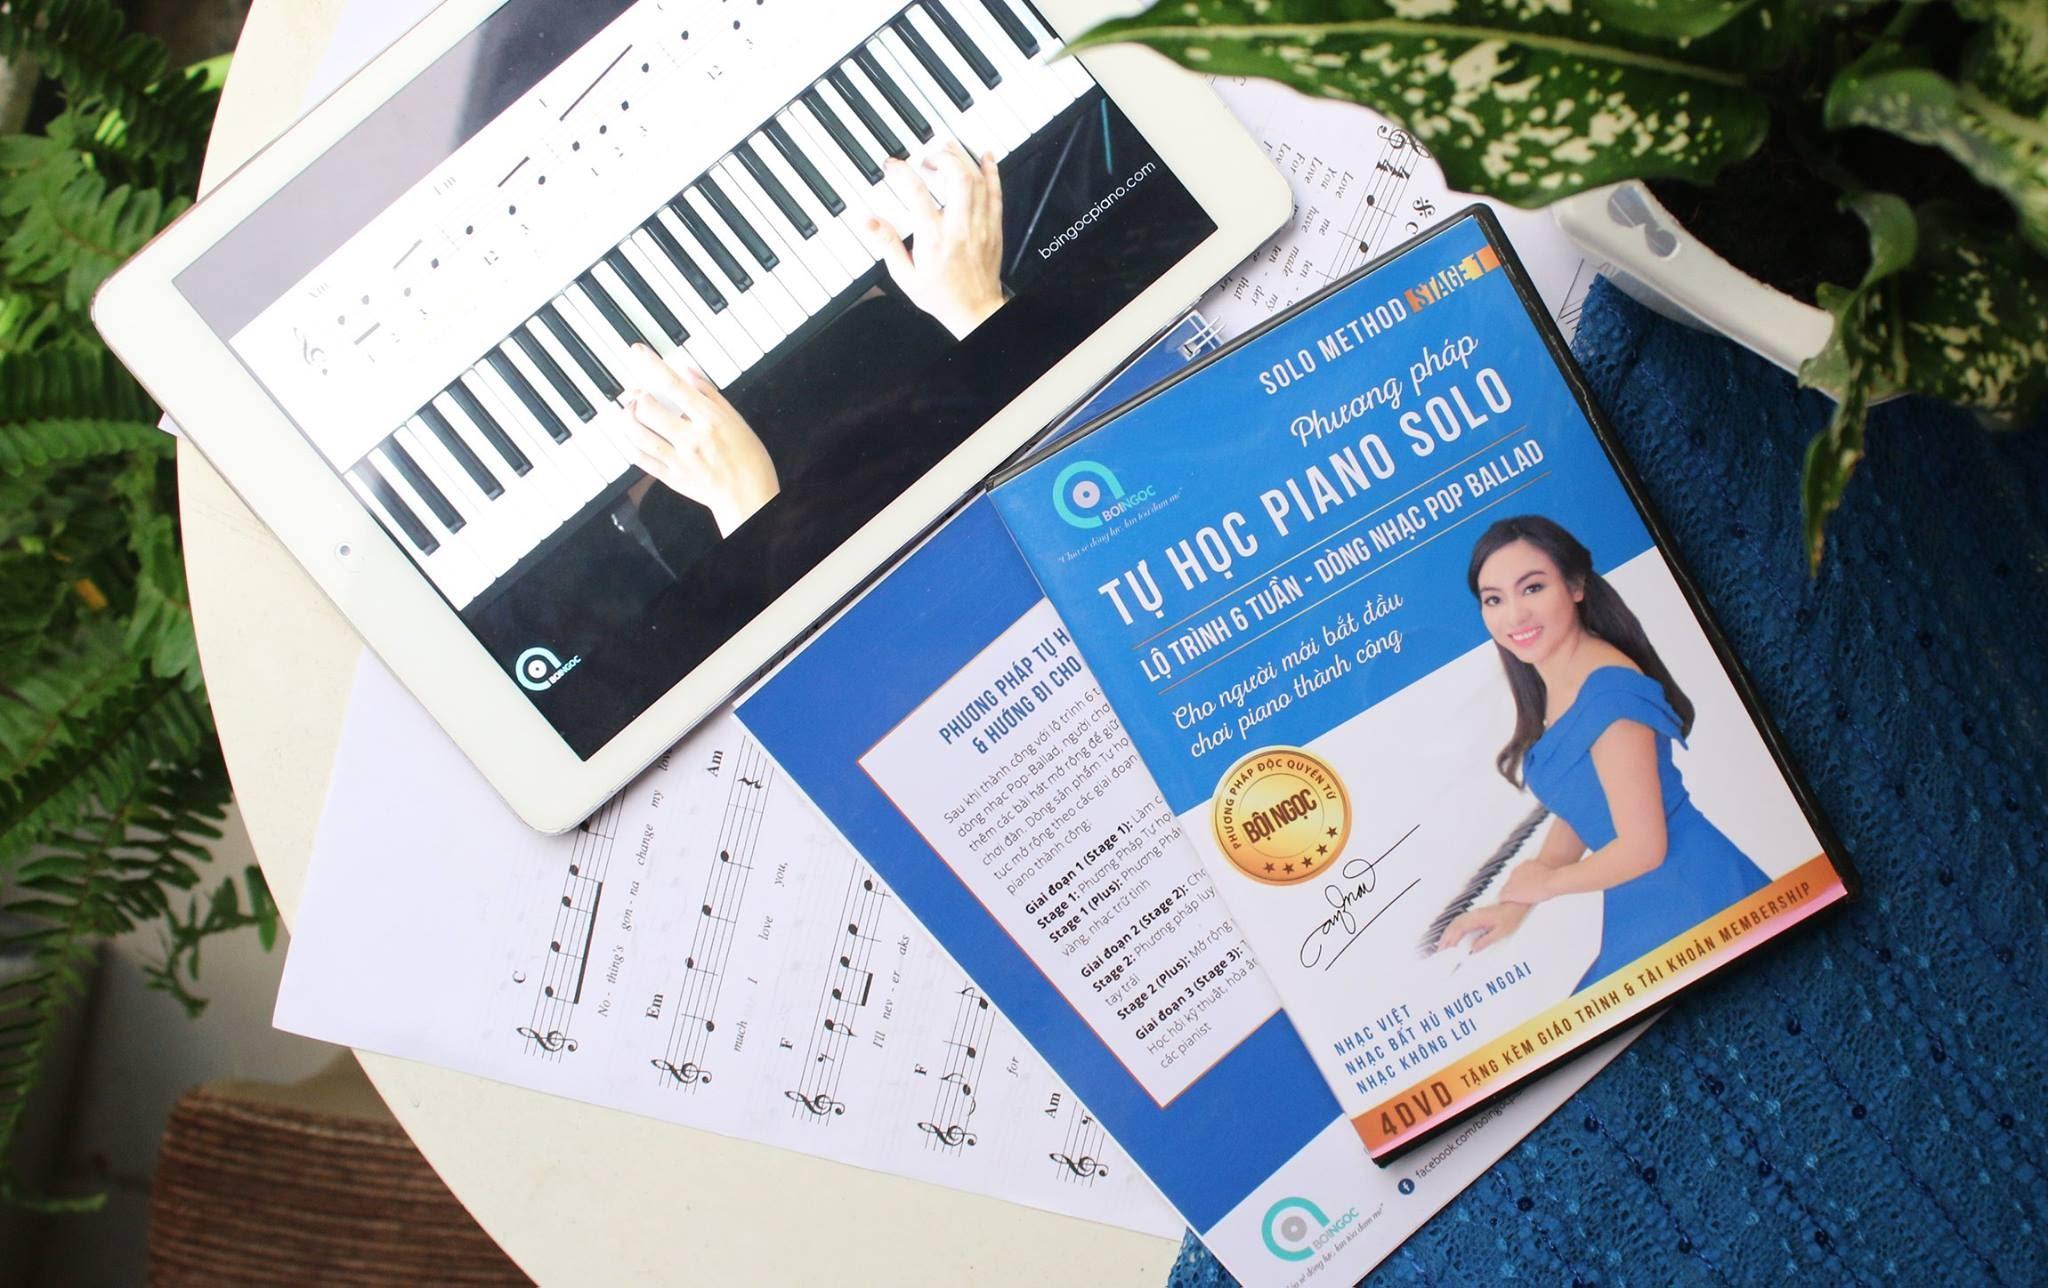 Share khóa học PIANO SOLO METHOD  – Khoá Học Hướng dẫn Phương Pháp Chơi Piano Solo Thành Công